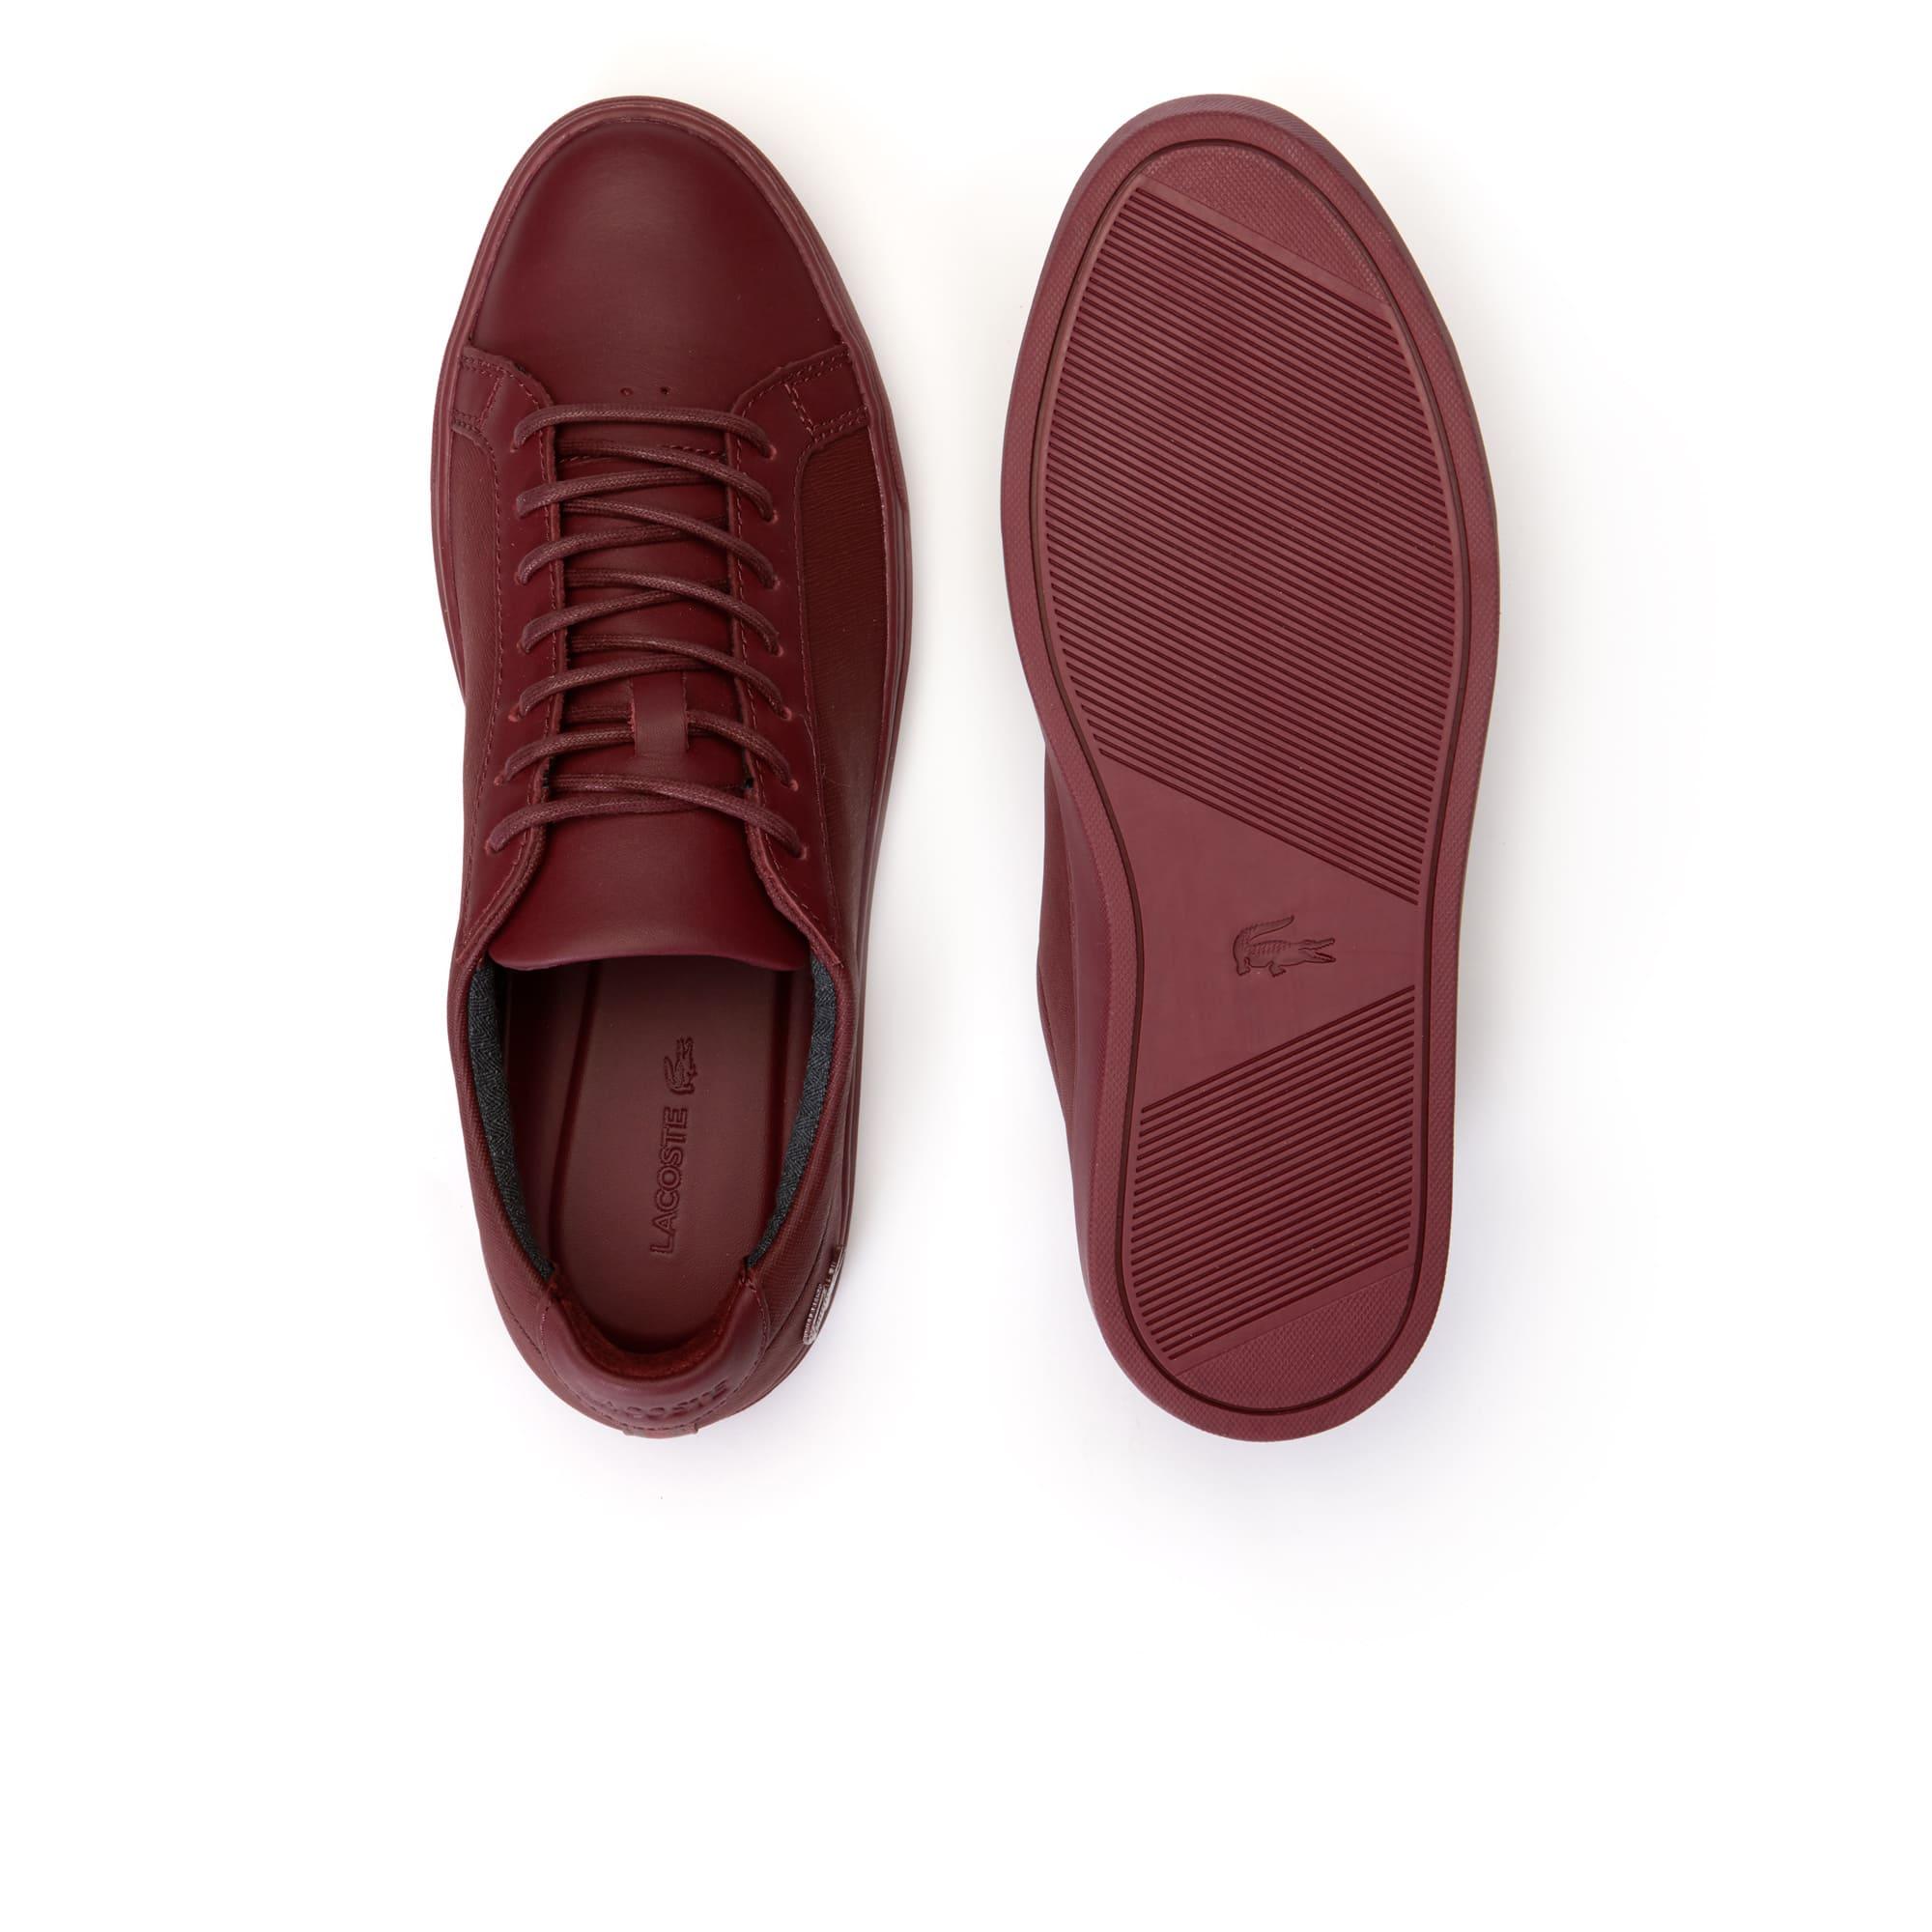 Lacoste - Sneakers L.12.12 homme en cuir de qualité supérieure - 4